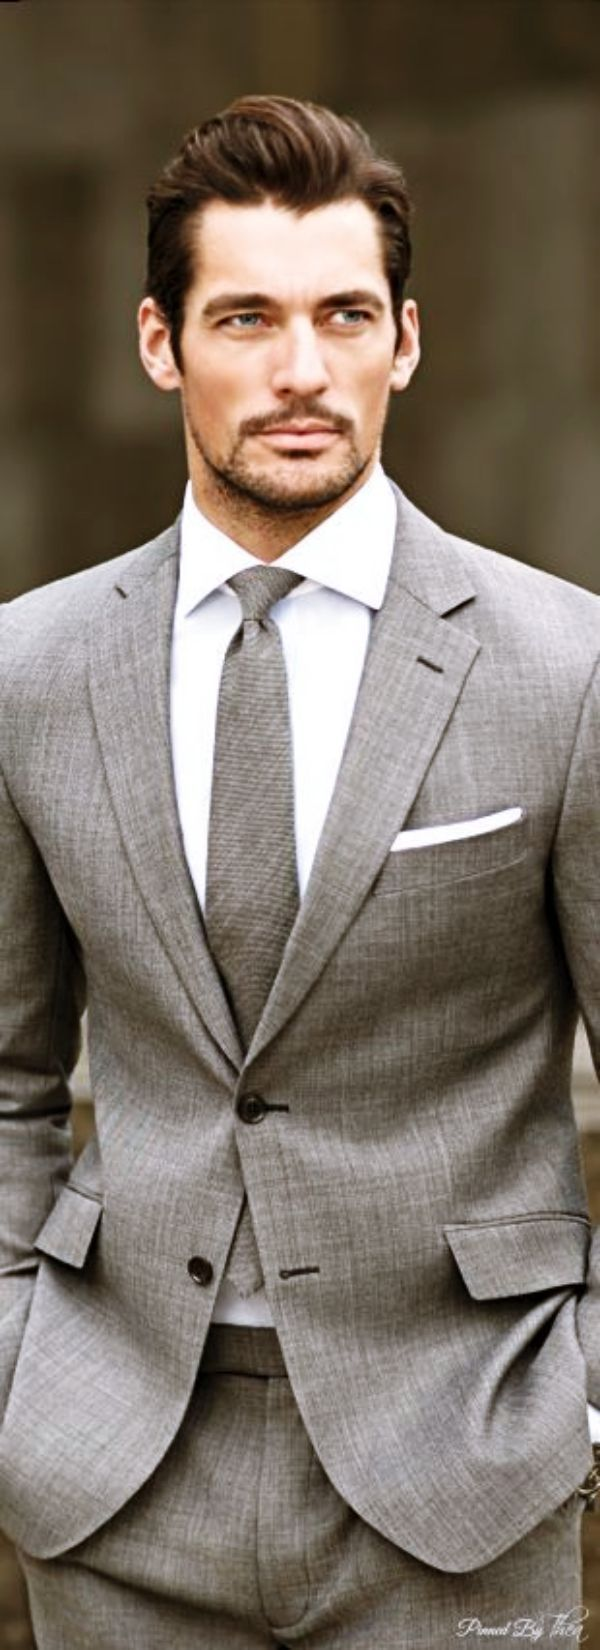 Latestweddinghairstylesformen men suits pinterest